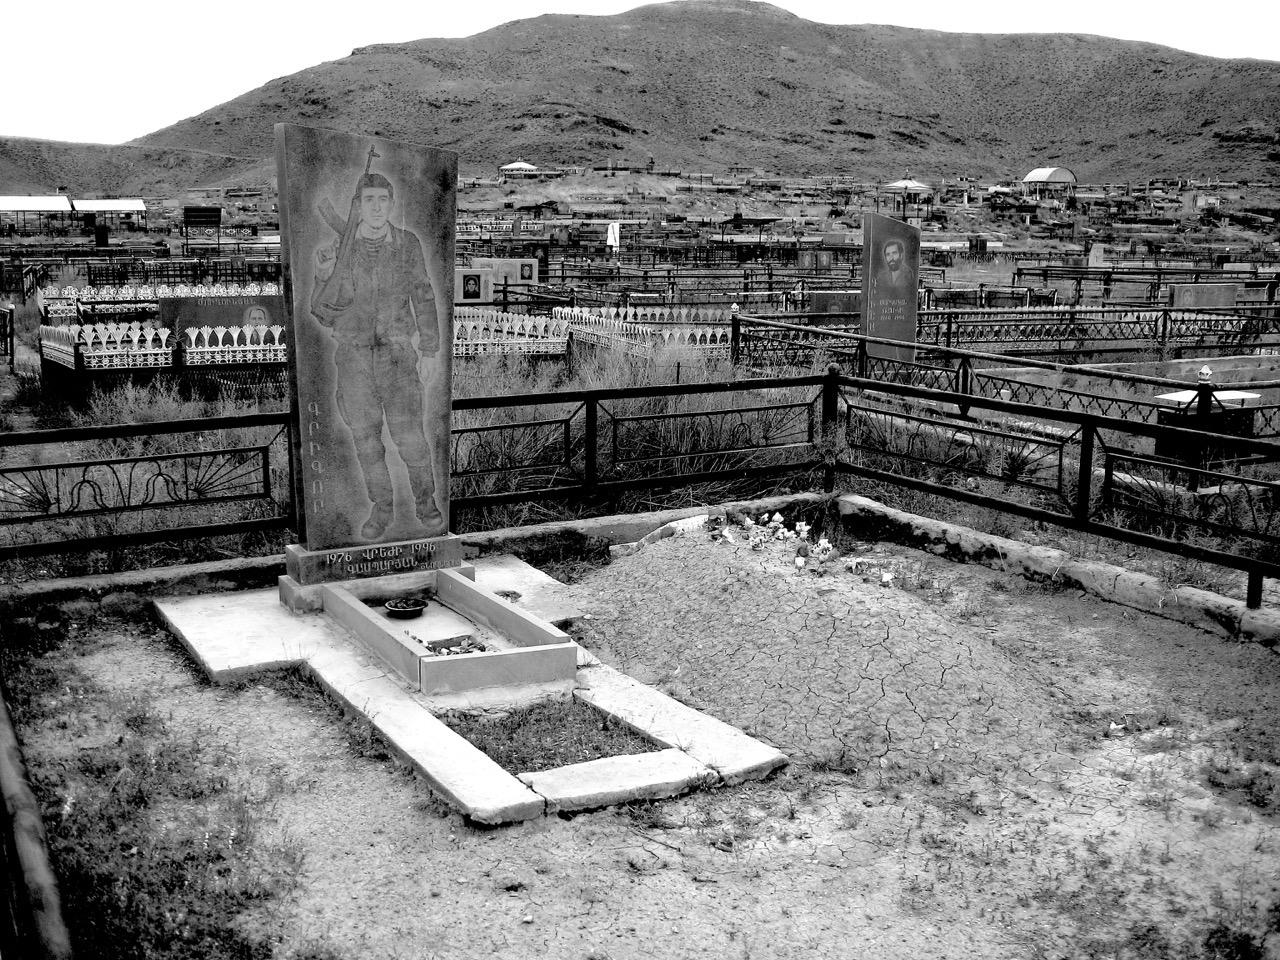 Foto: Grabstätte. Aus: Eriwan. Kapitel 7. Aufzeichnungen aus Armenien von Marc Degens.